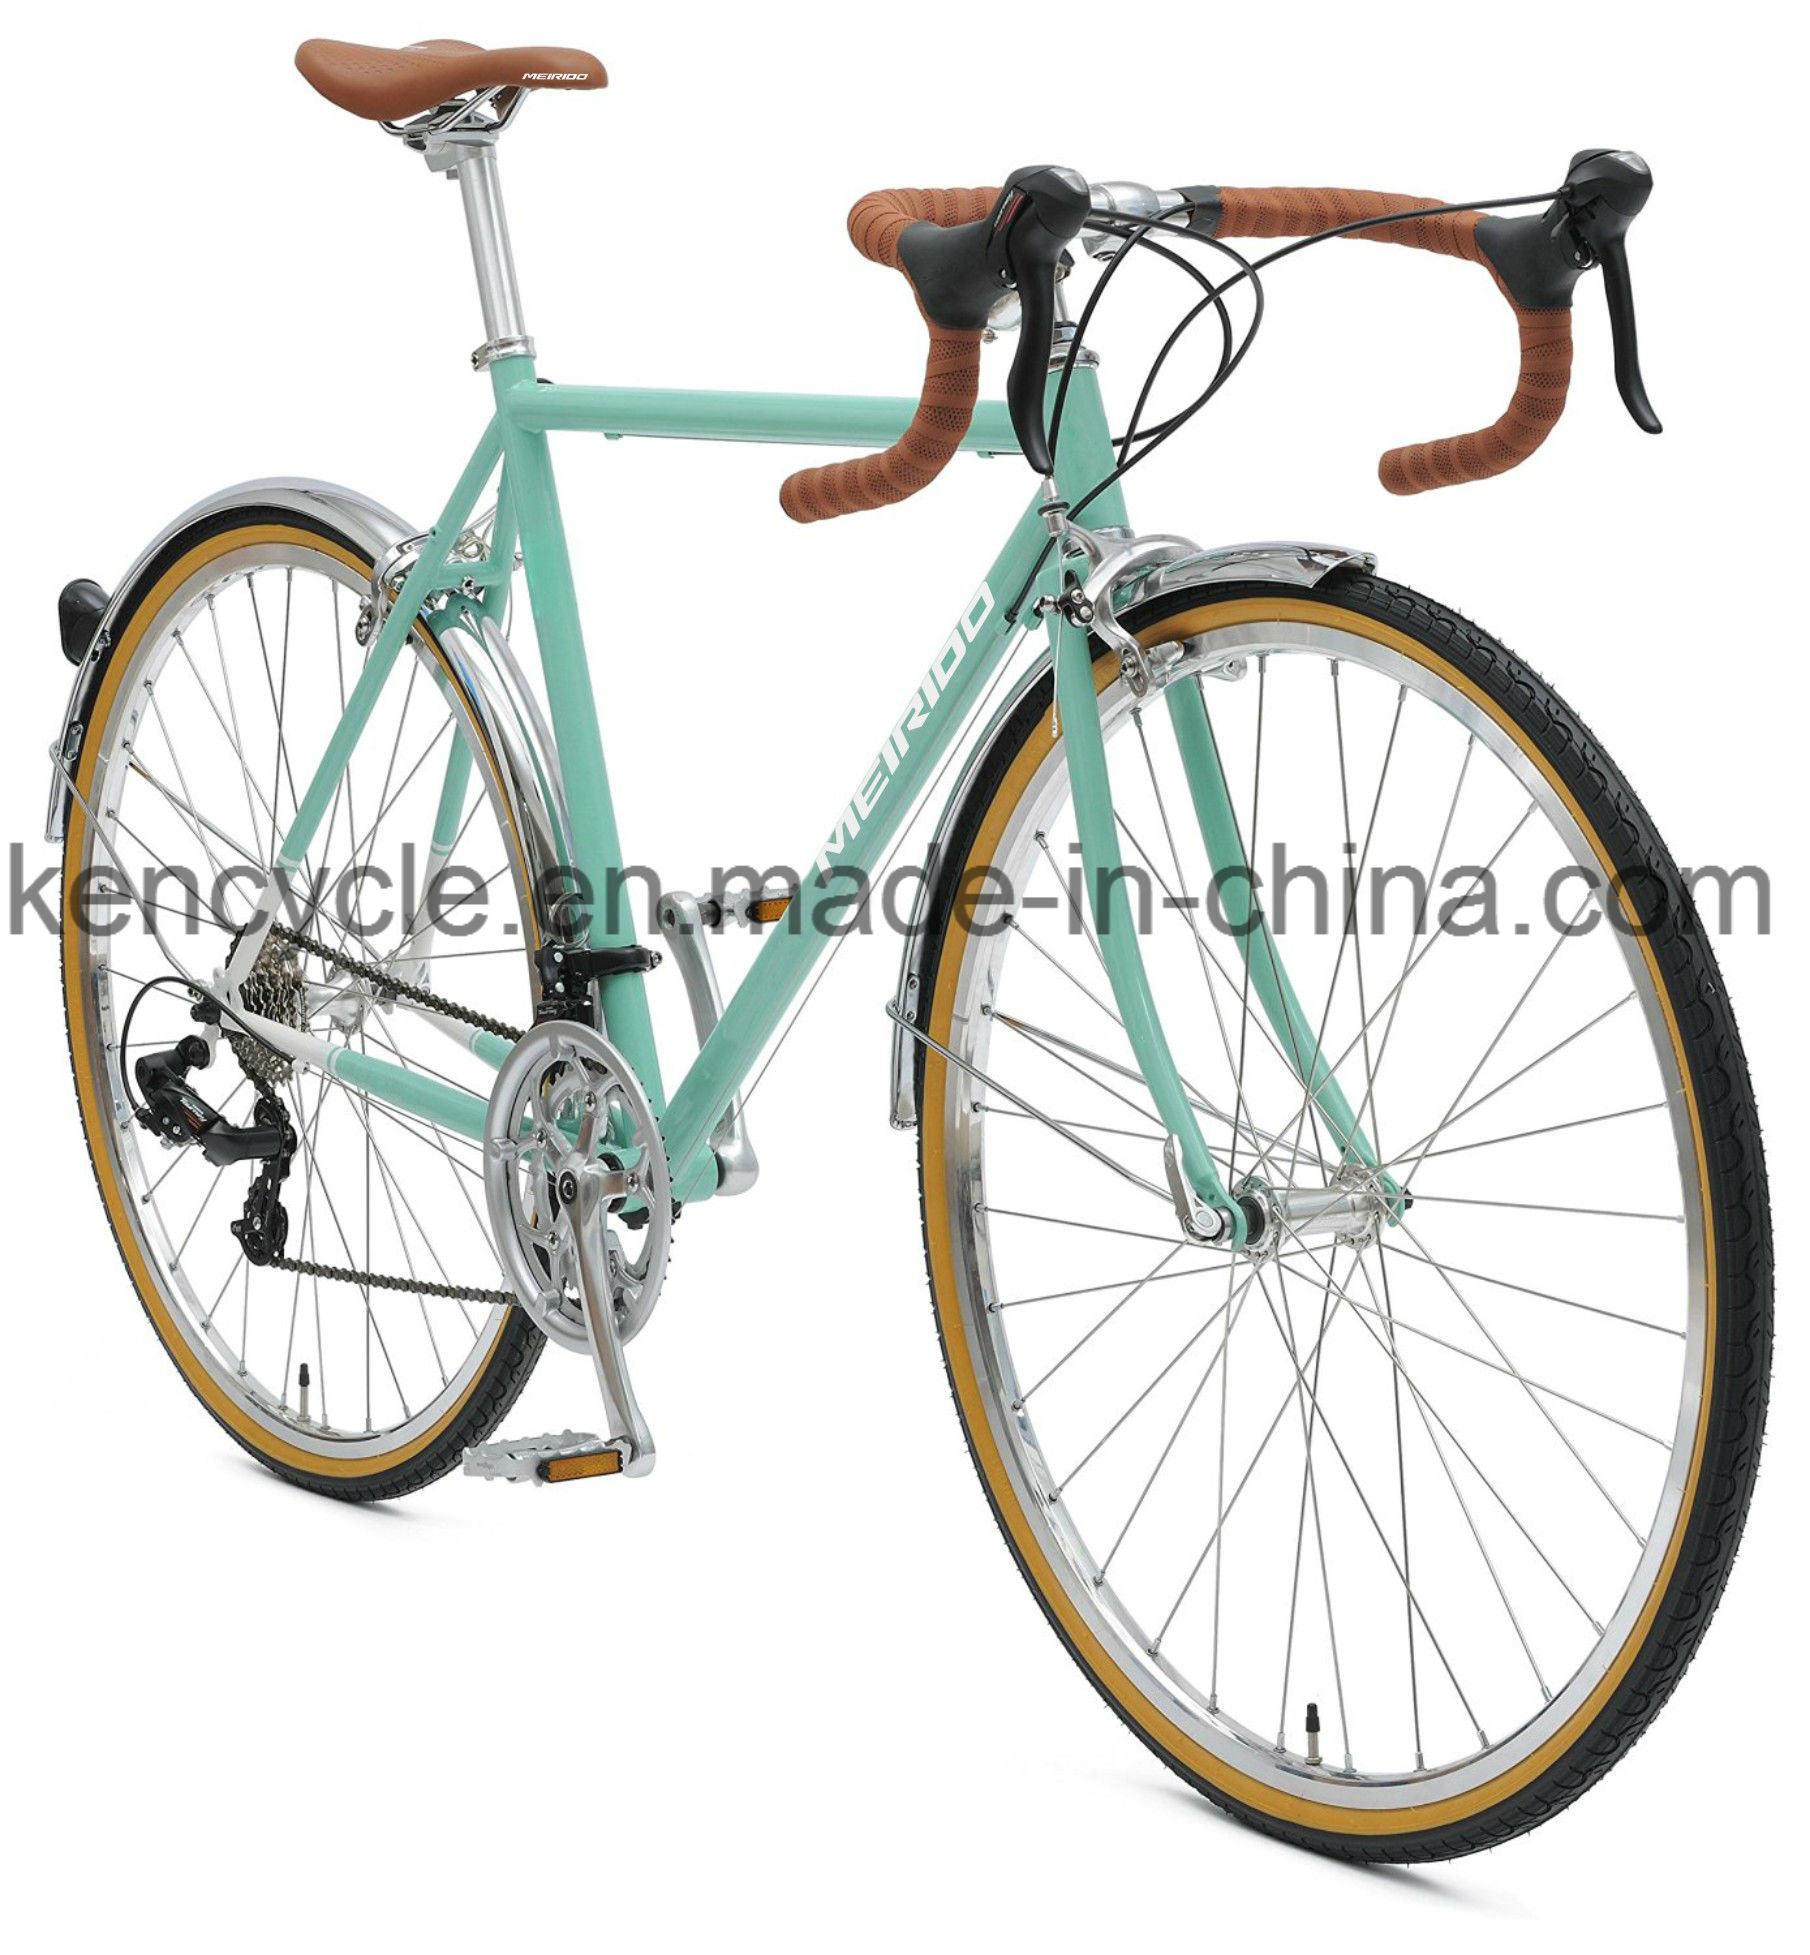 700c 14 Speed Cr-Mo Steel Fixed Gear Bike /Utility Road Bike for Adult Bike and Student/Cyclocross Bike/Road Racing Bike/Lifestyle Bike